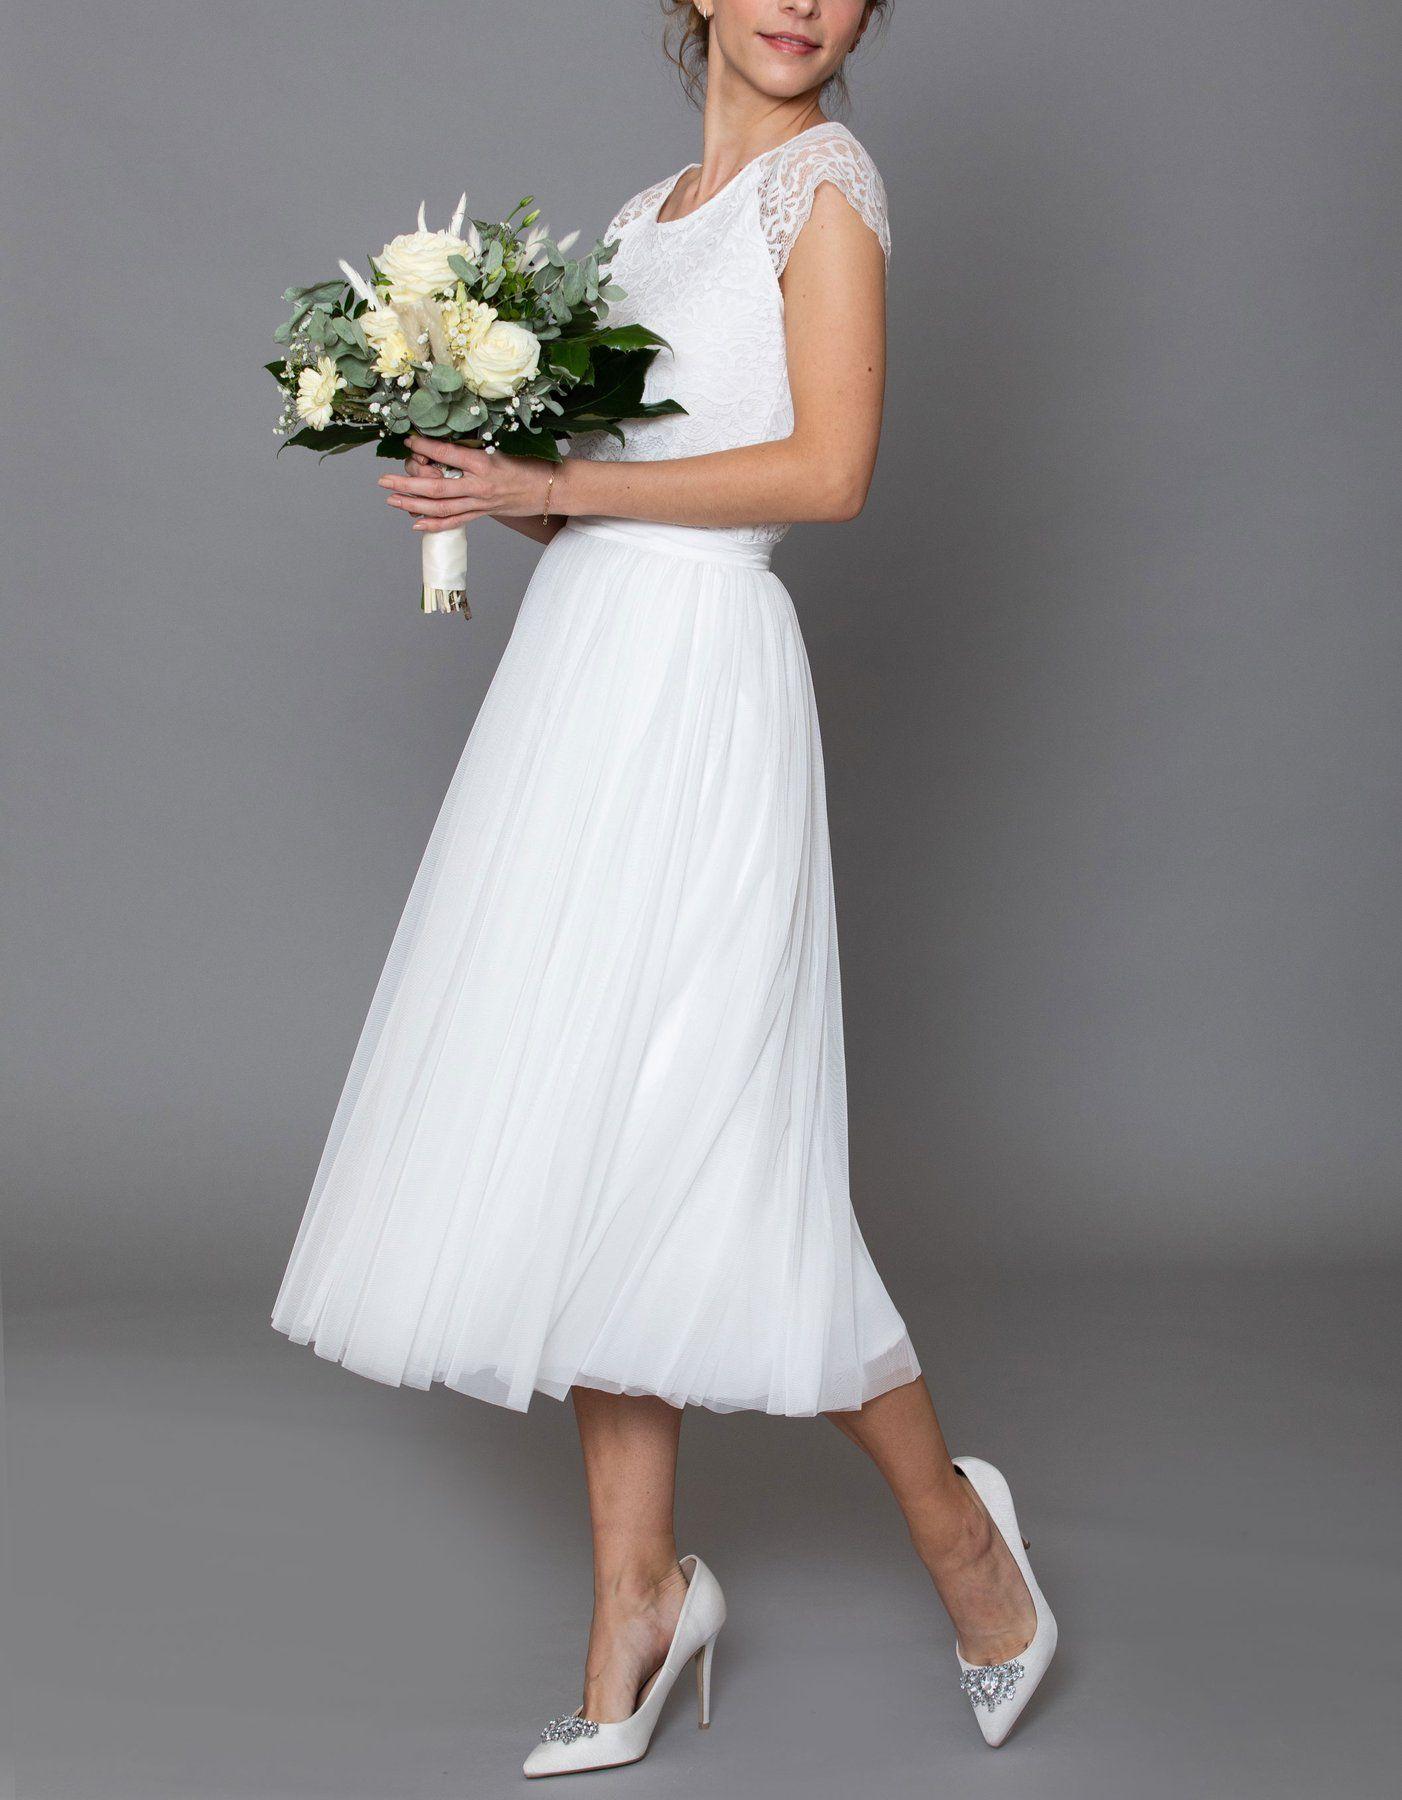 CONSTANT LOVE Tüll Rock Braut Midi in 20  Hochzeitskleid